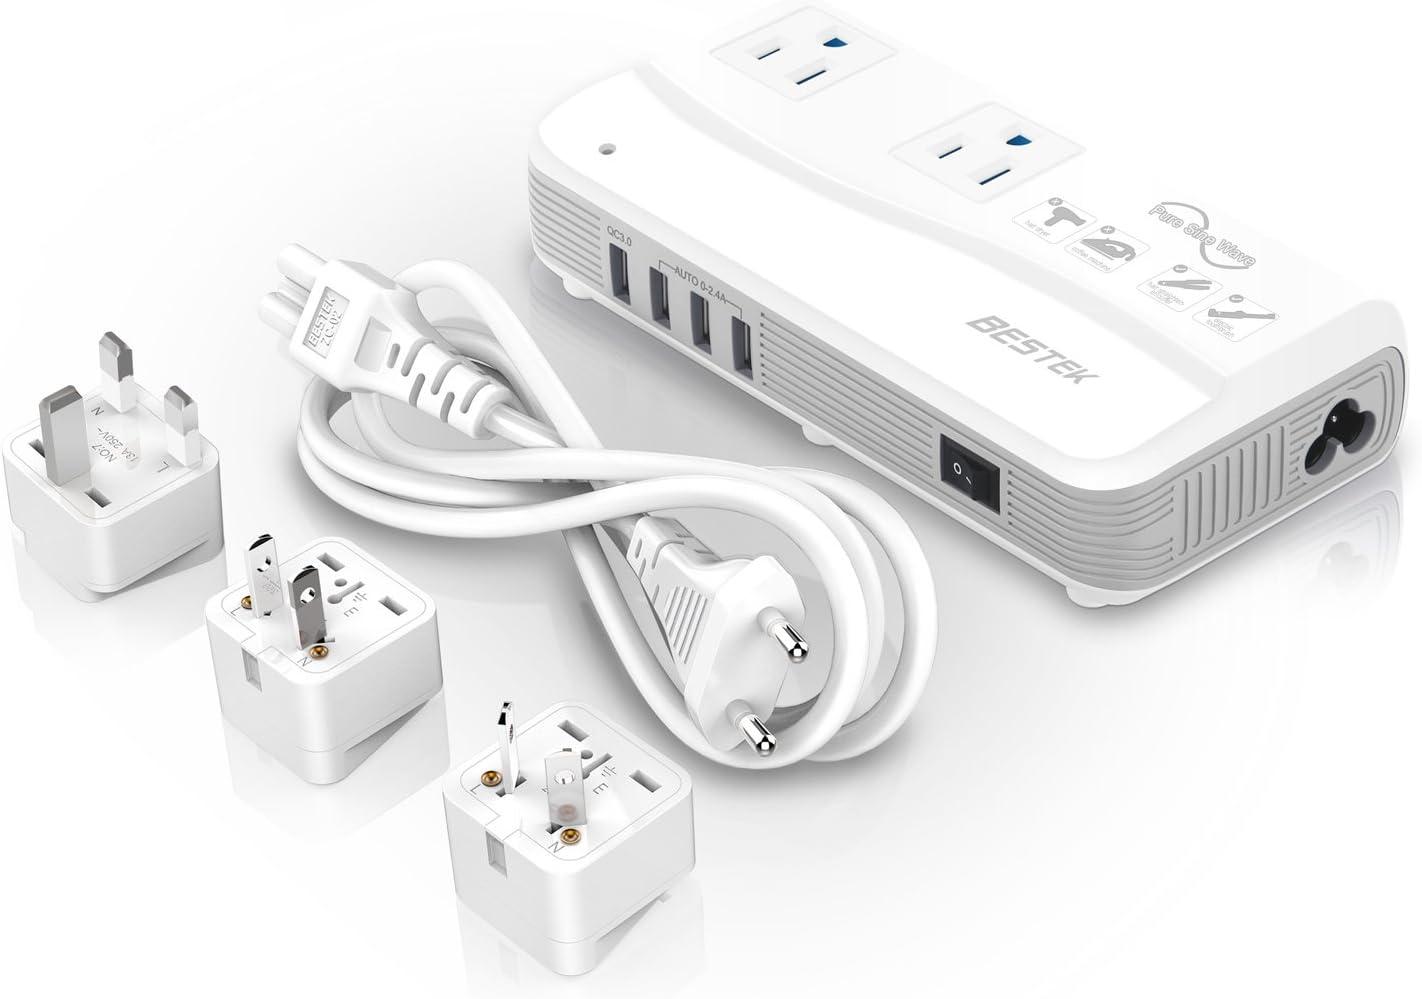 BESTEK Power Converter for International Travel